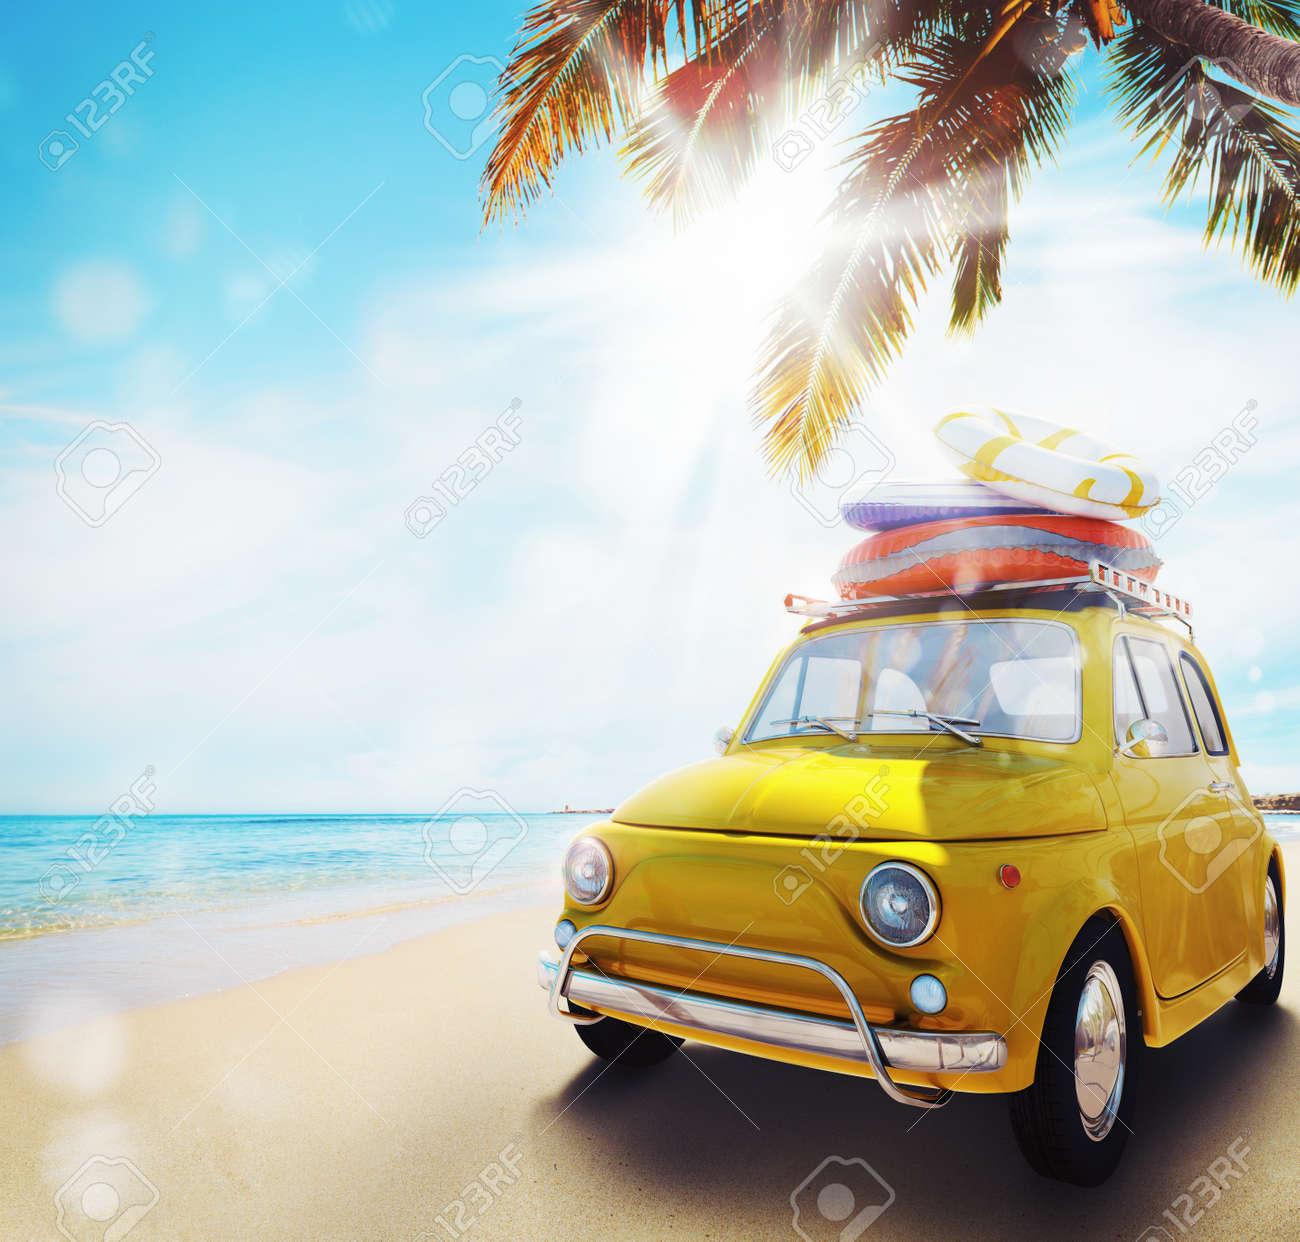 Comience Las Vacaciones De Verano Con Un Coche Viejo En La Playa